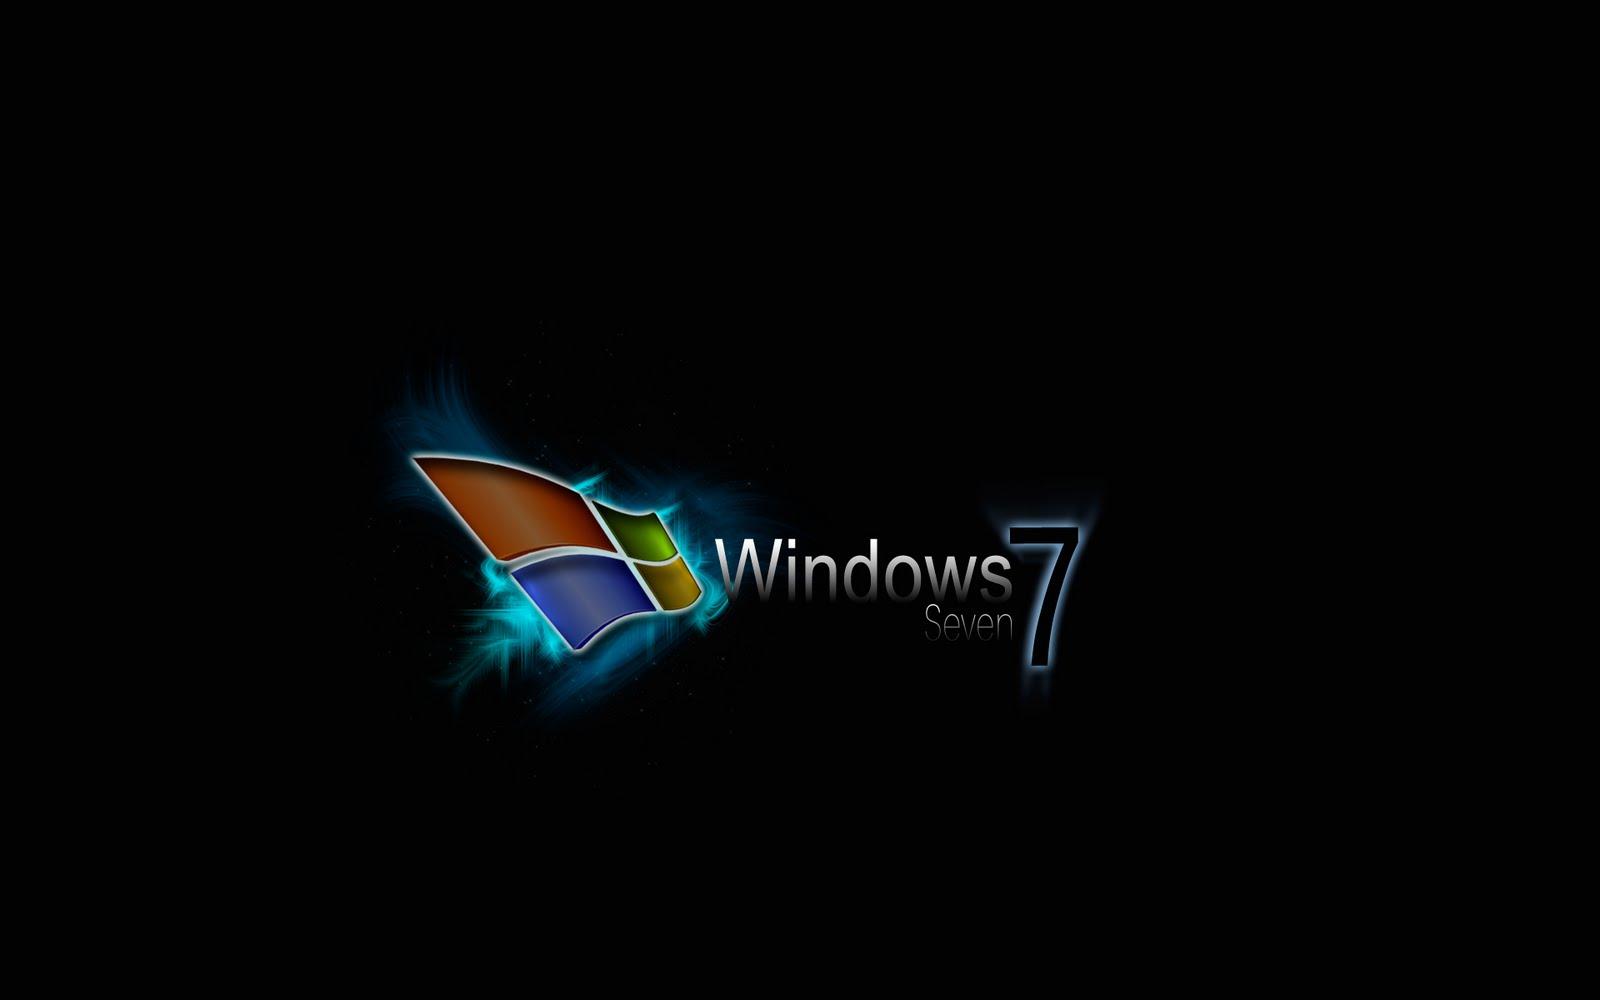 Logo Wallpaper Collection Windows seven 7 logo wallpaper part 3 1600x1000